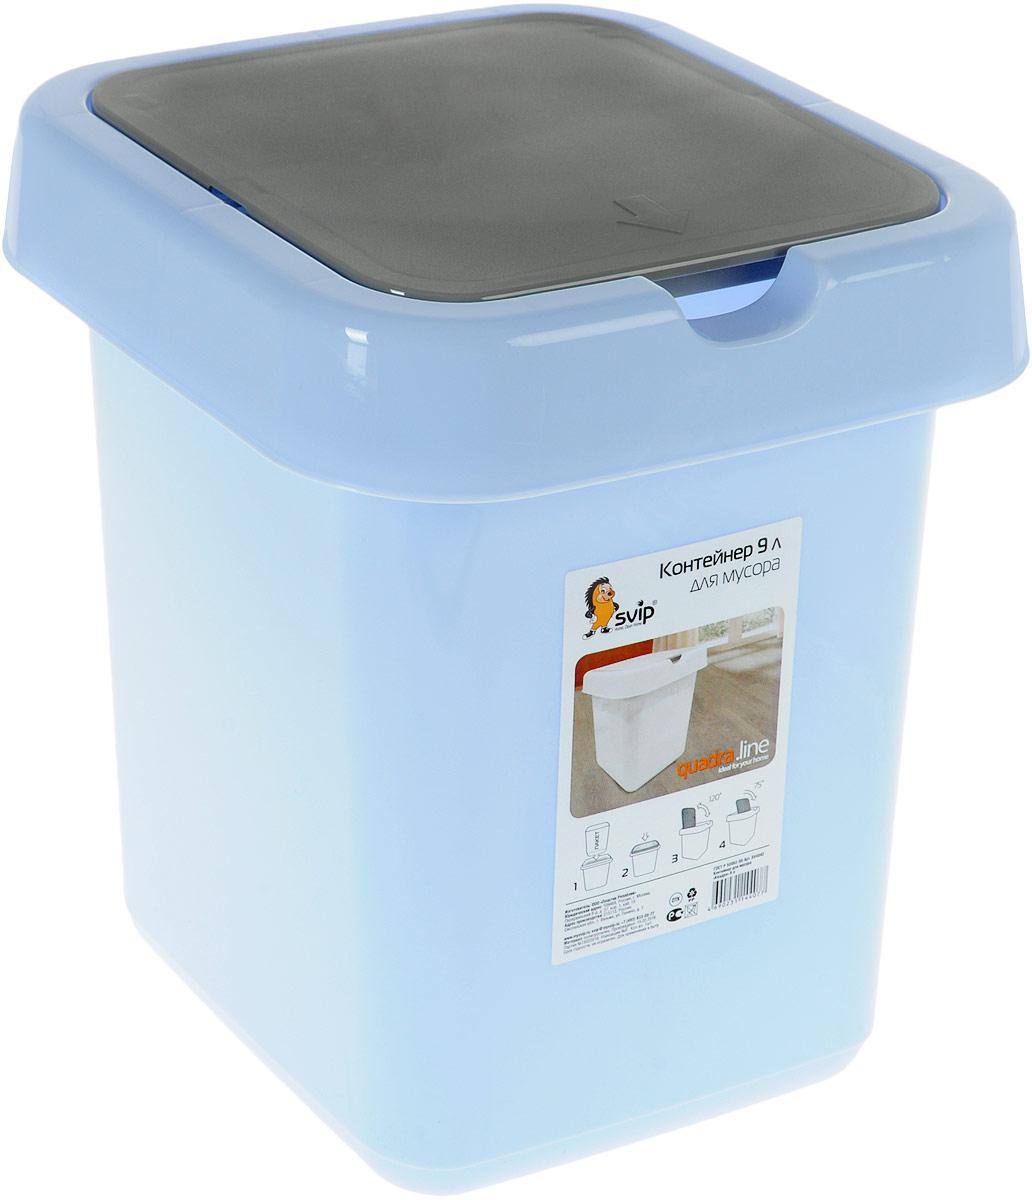 Контейнер для мусора Svip Квадра, цвет: голубой, серый, 9 л900685Мусорный контейнер Svip Квадра поможет поддержать порядок и чистоту на кухне, в туалетной комнате или в офисе. Изделие, выполненное из полипропилена, не боится ударов и долгих лет использования. Изделие оснащено крышкой с двойным механизмом открывания, что обеспечивает максимально удобное использование: откидной крышкой можно воспользоваться при выбрасывании большого мусора, крышкой-маятником - для мусора меньшего объема. Скрытые борта в корпусе изделия для аккуратного использования одноразовых пакетов и сохранения эстетики изделия. Съемная верхняя часть контейнера обеспечивает удобство извлечения накопившегося мусора. Эстетика изделия превращает необходимый предмет кухни или туалетной комнаты в стильное дополнение к интерьеру. Его легкость и прочность оптимально решают проблему сбора мусора.